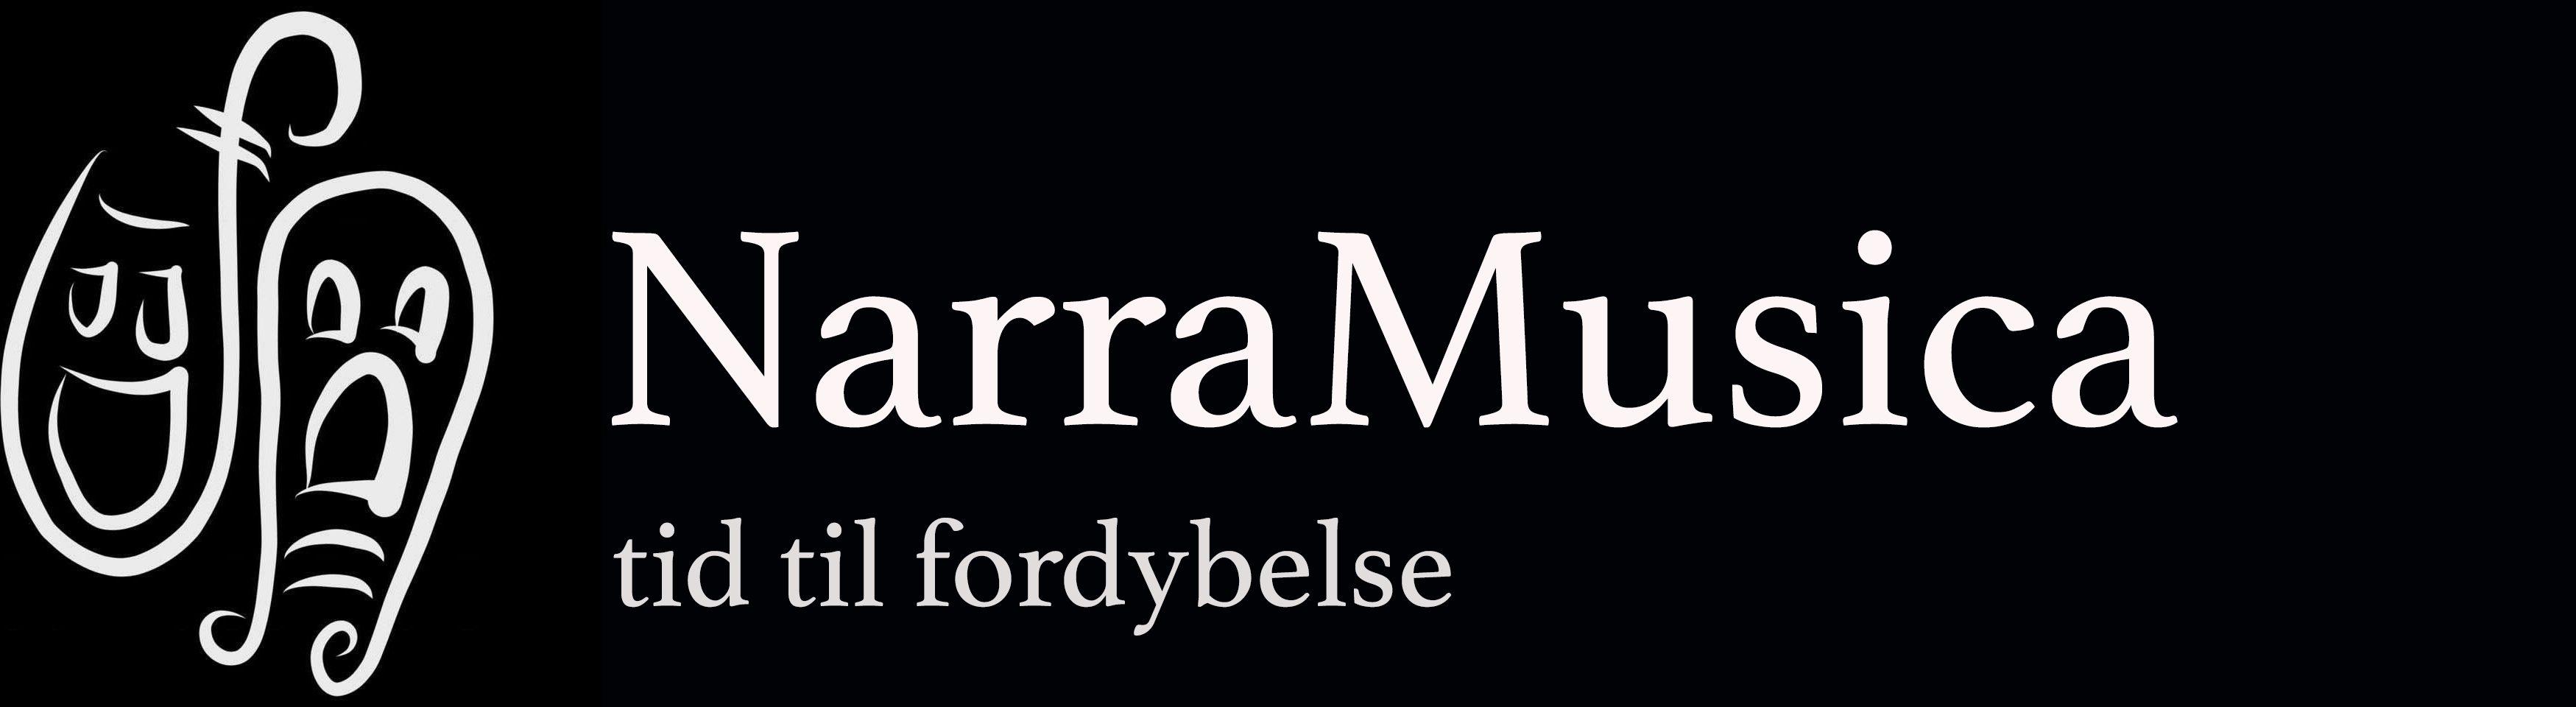 NarraMusica